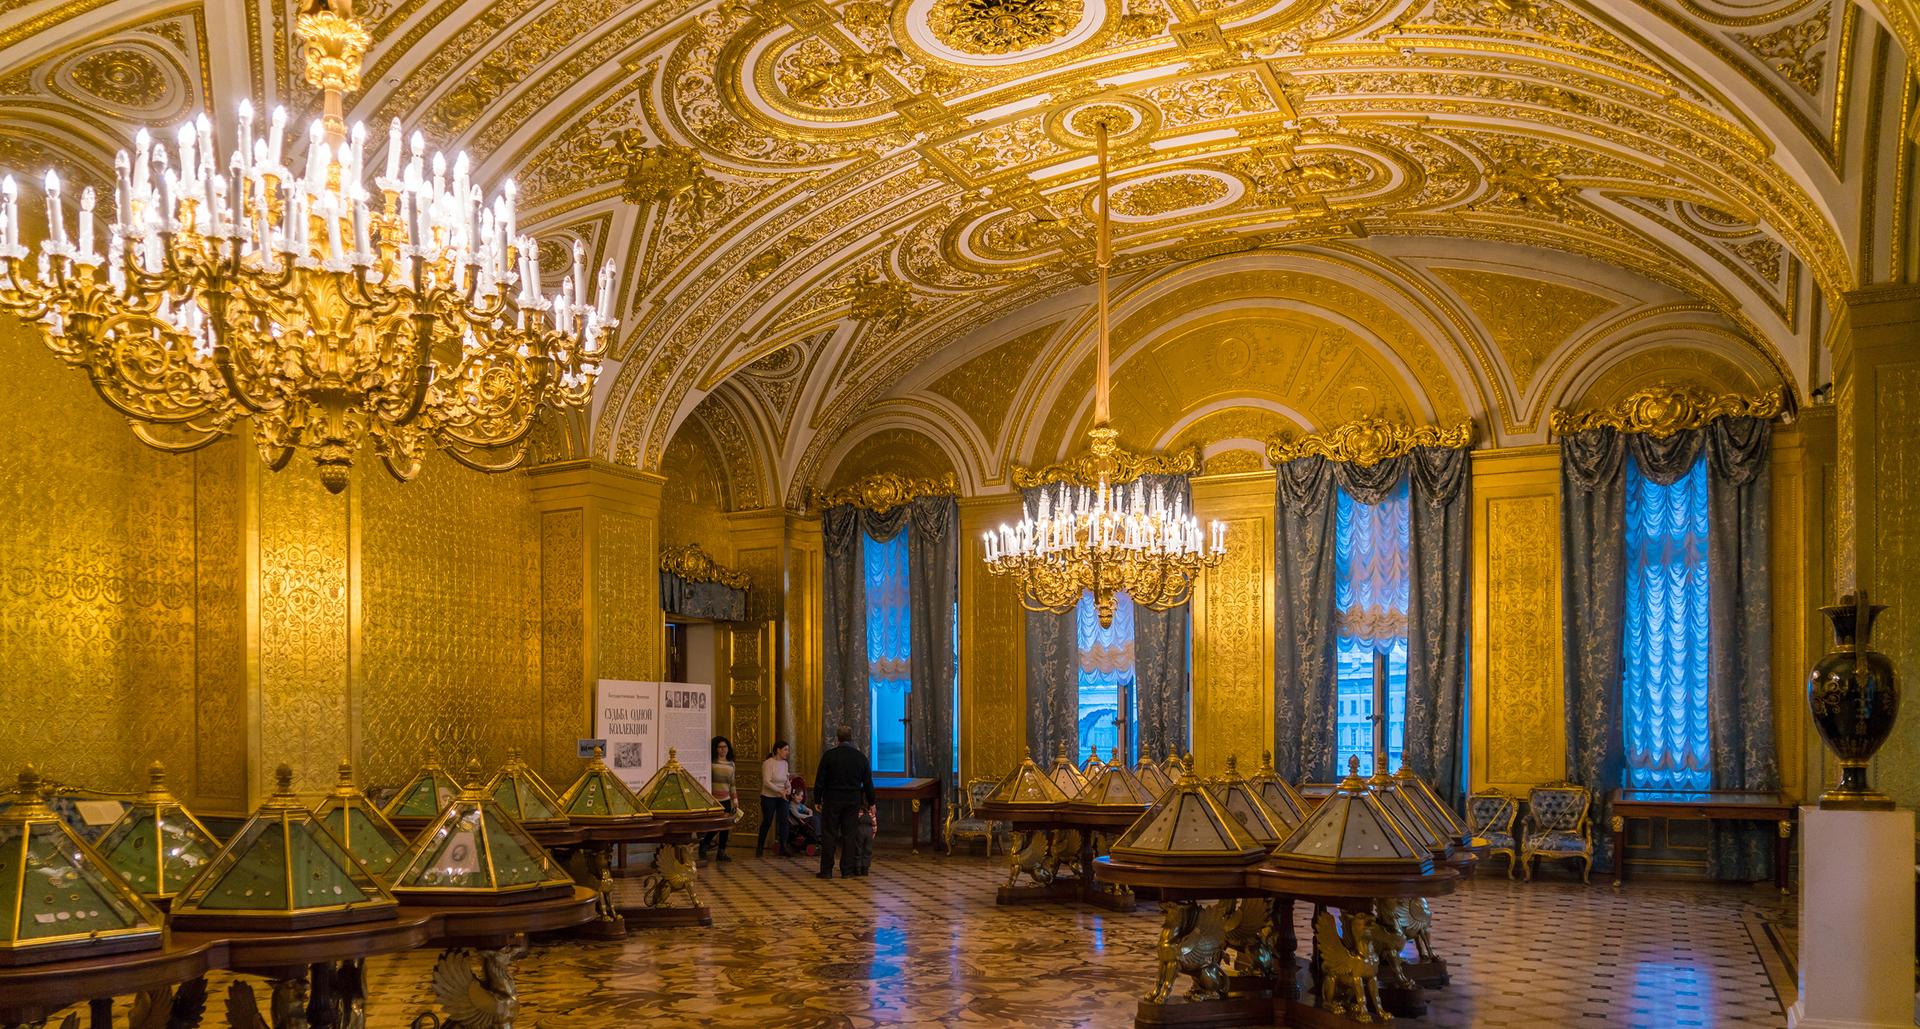 פוטו מבנים מזהב סנט פטרסבורג רוסיה The Gold Drawing Room in the Winter Palace